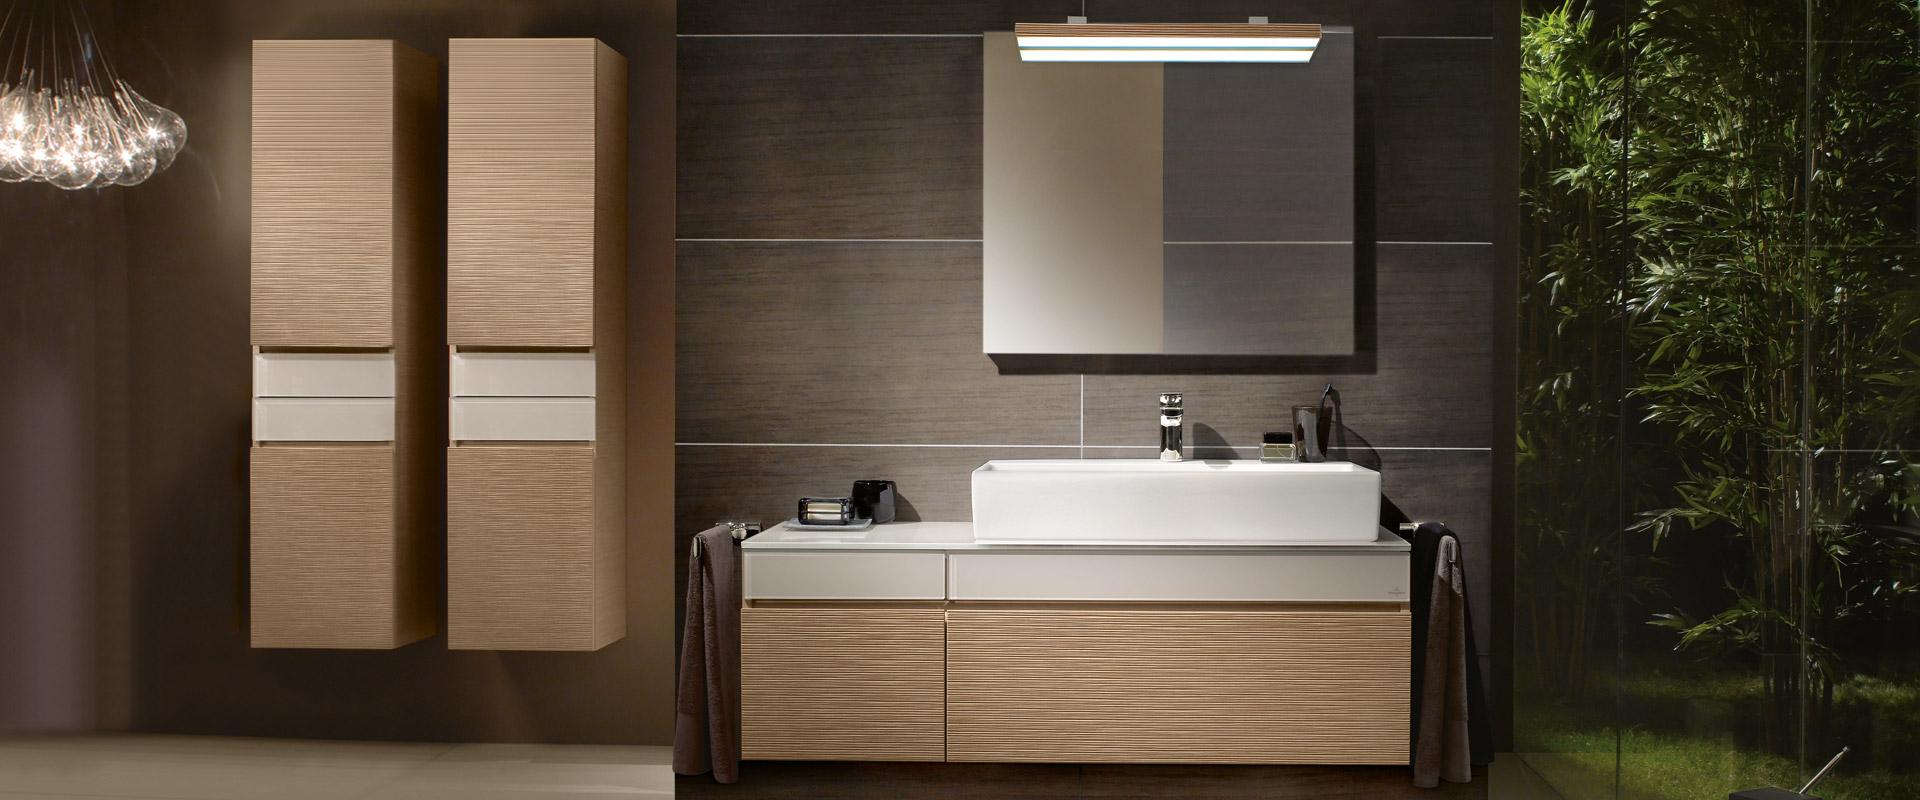 villeroy boch memento k chen kaufen billig. Black Bedroom Furniture Sets. Home Design Ideas